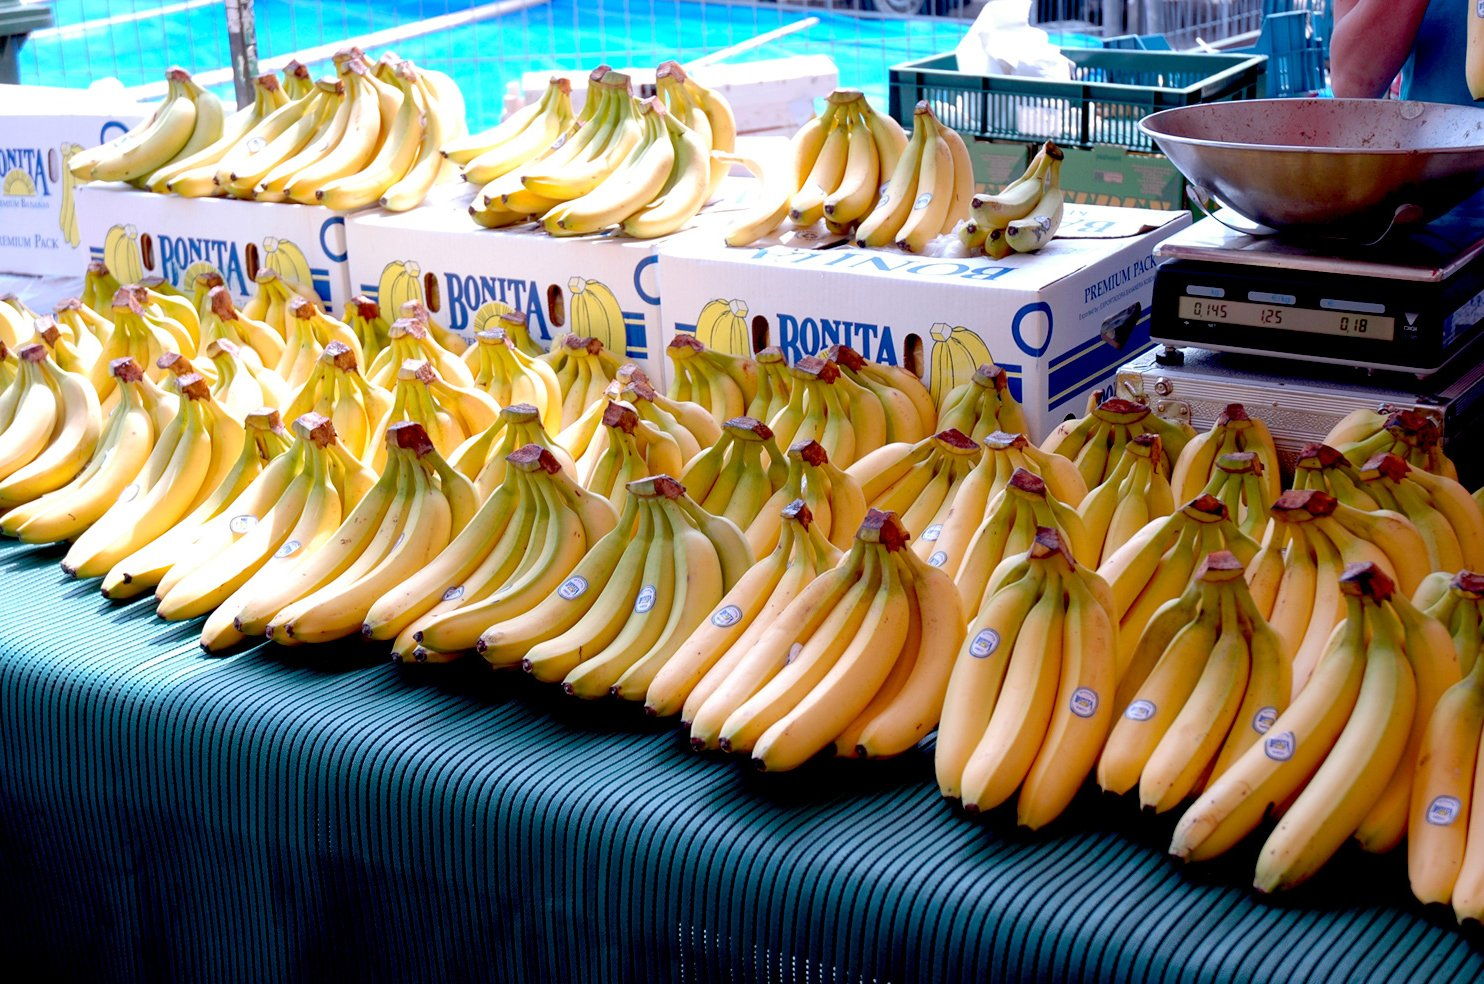 банан-демо слоттары Багам аралдарына барады